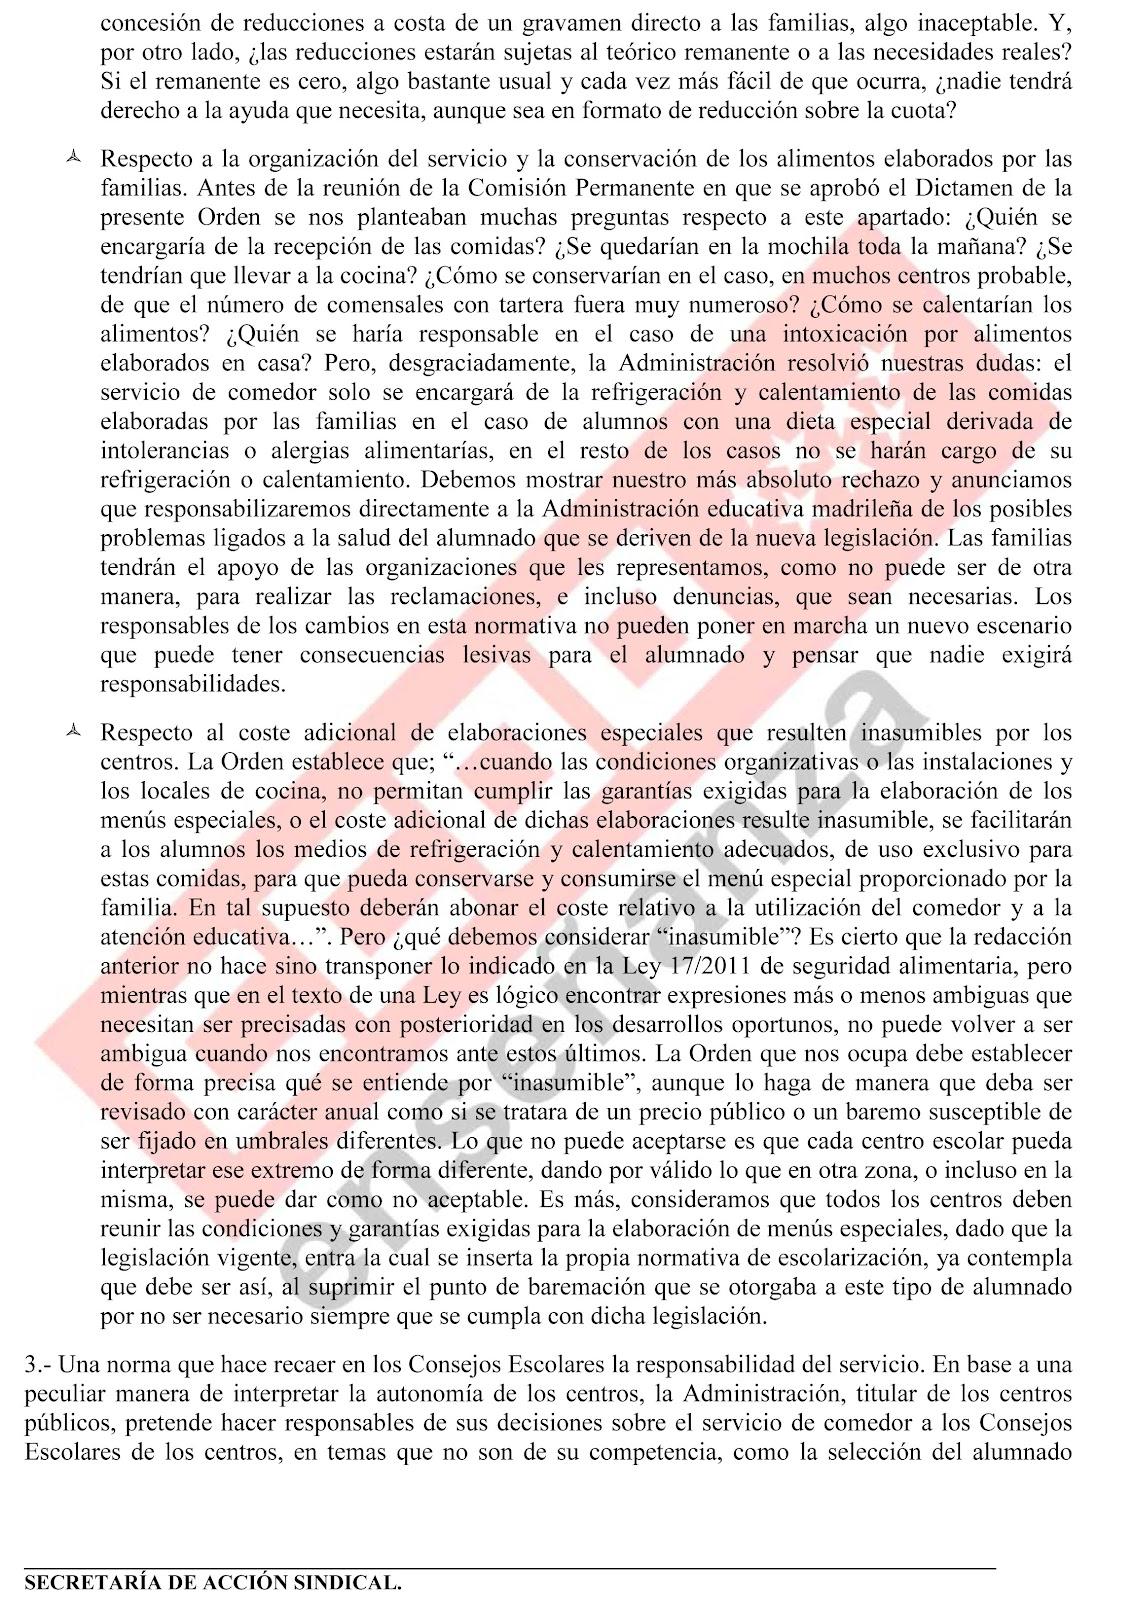 Mareaverde voto particular que ccoo junto con la fapa for Ccoo ensenanza madrid